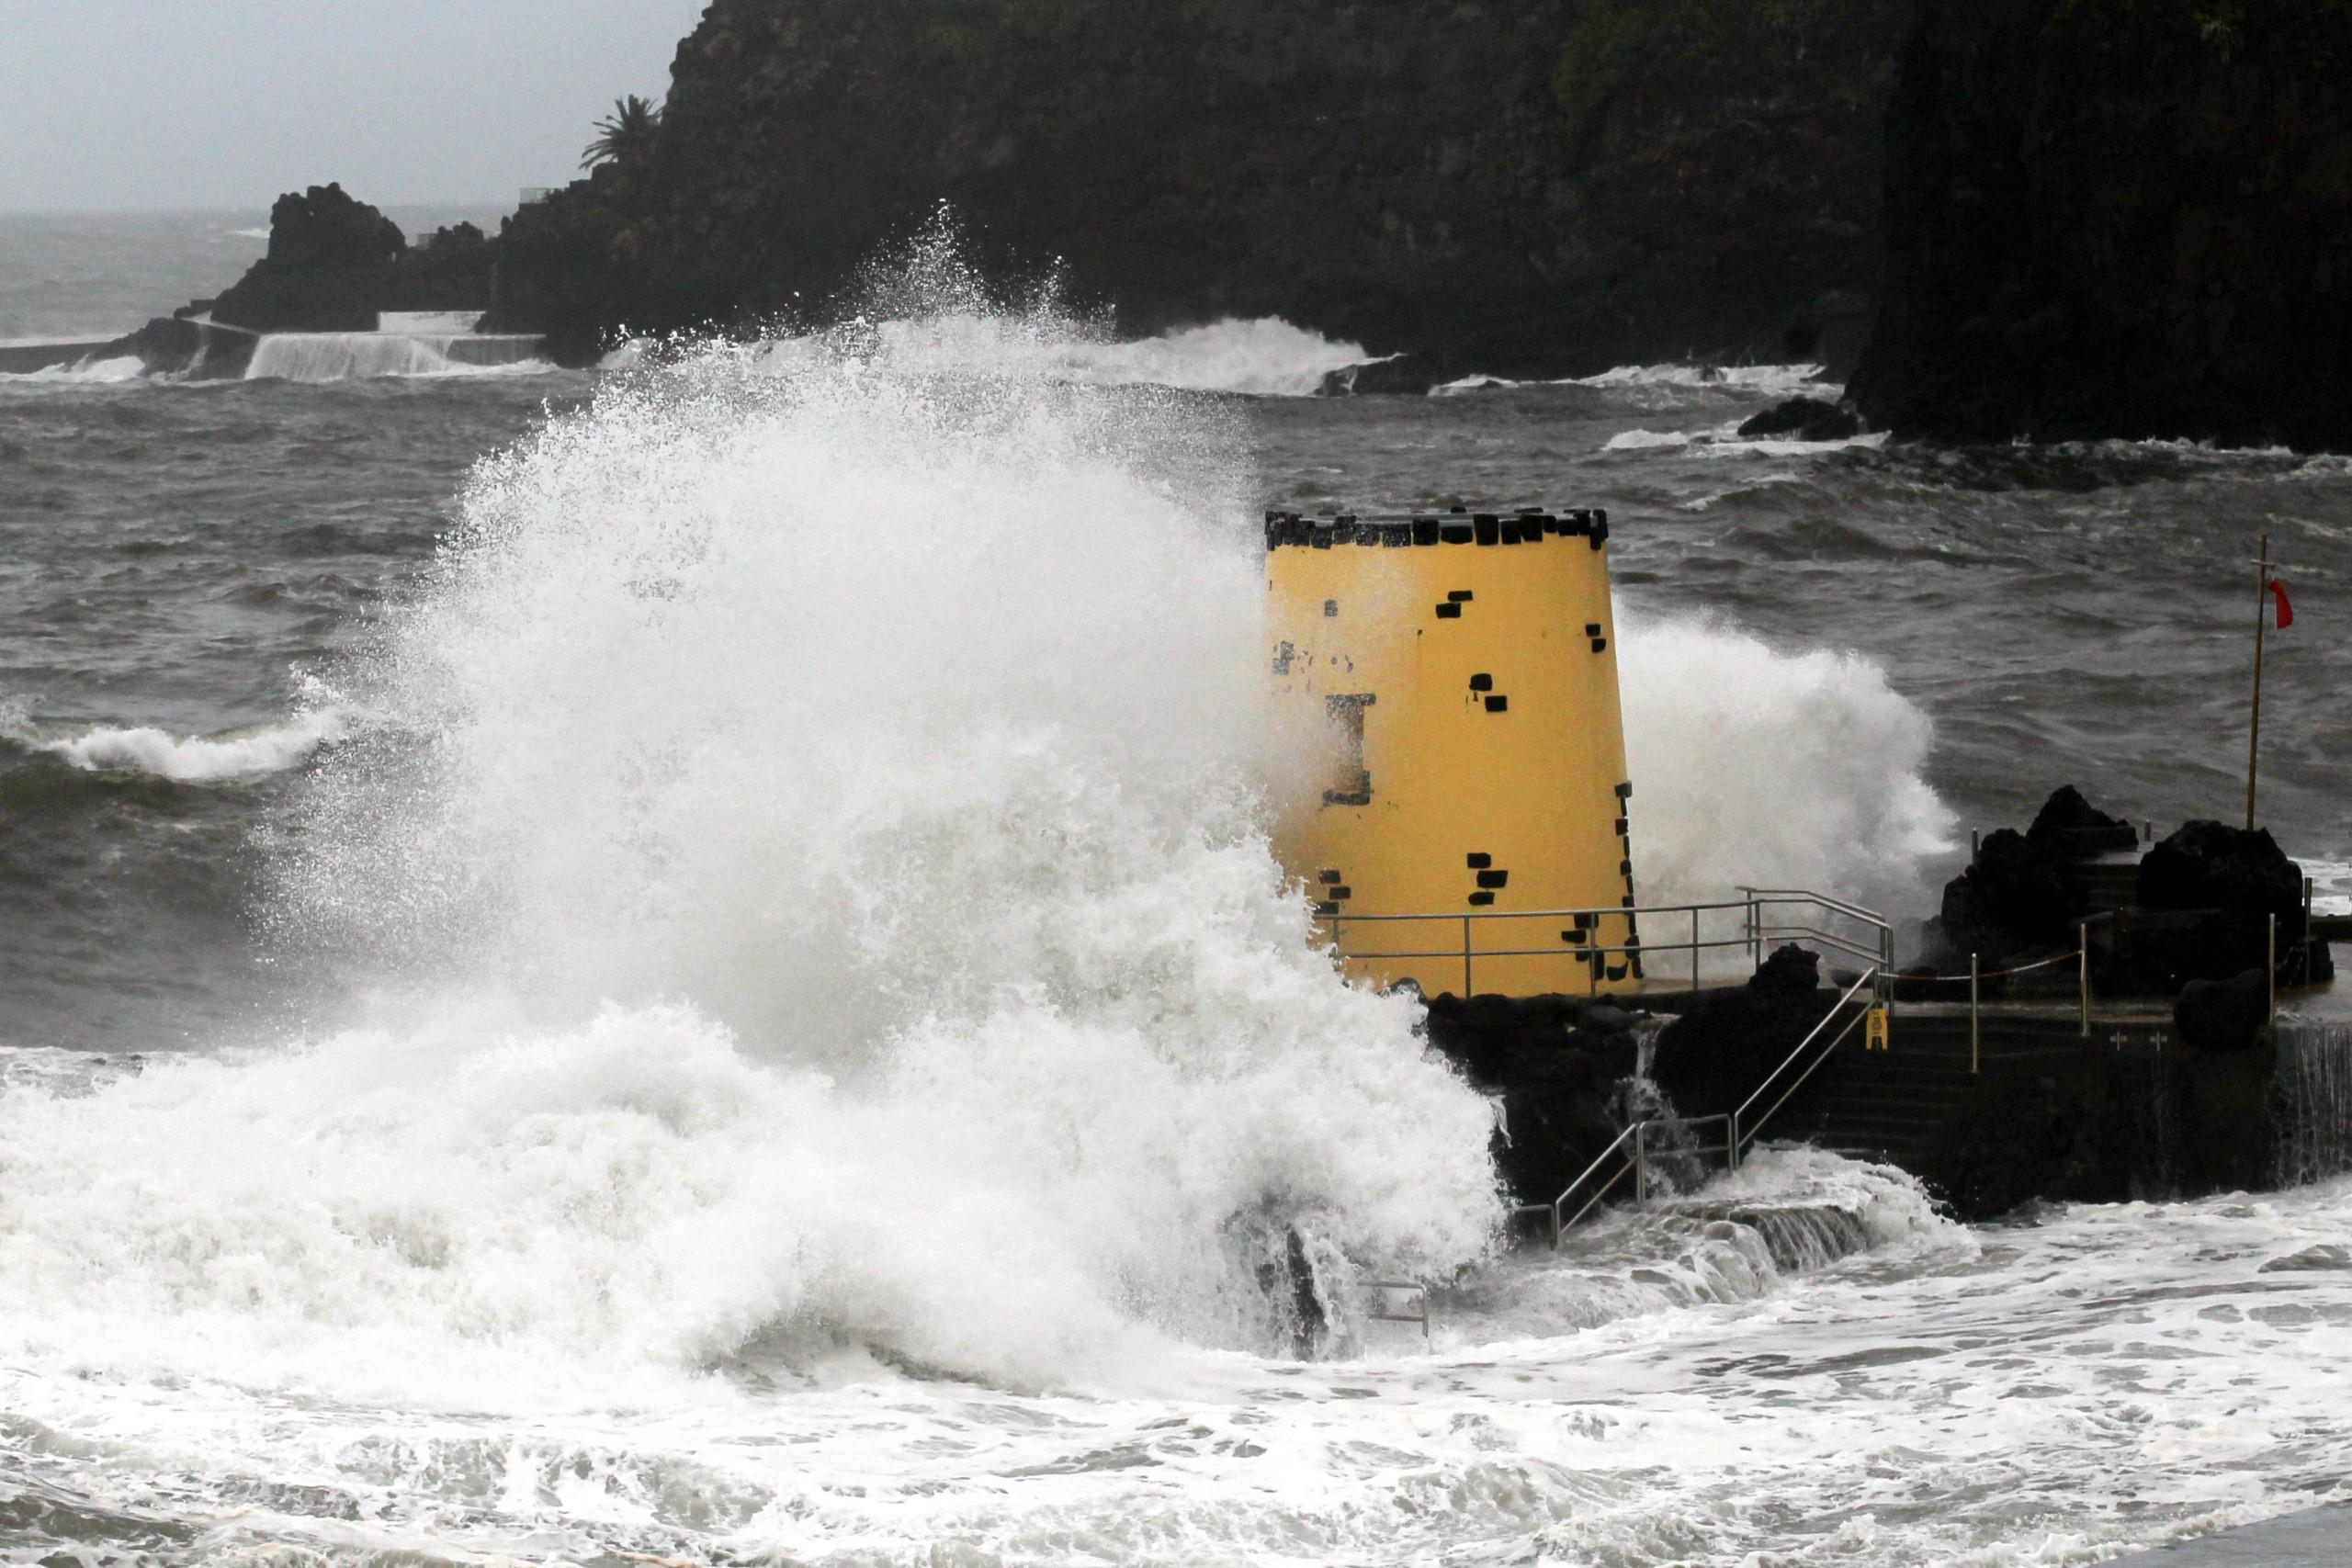 Capitania prolonga aviso de mau tempo no mar da Madeira até domingo